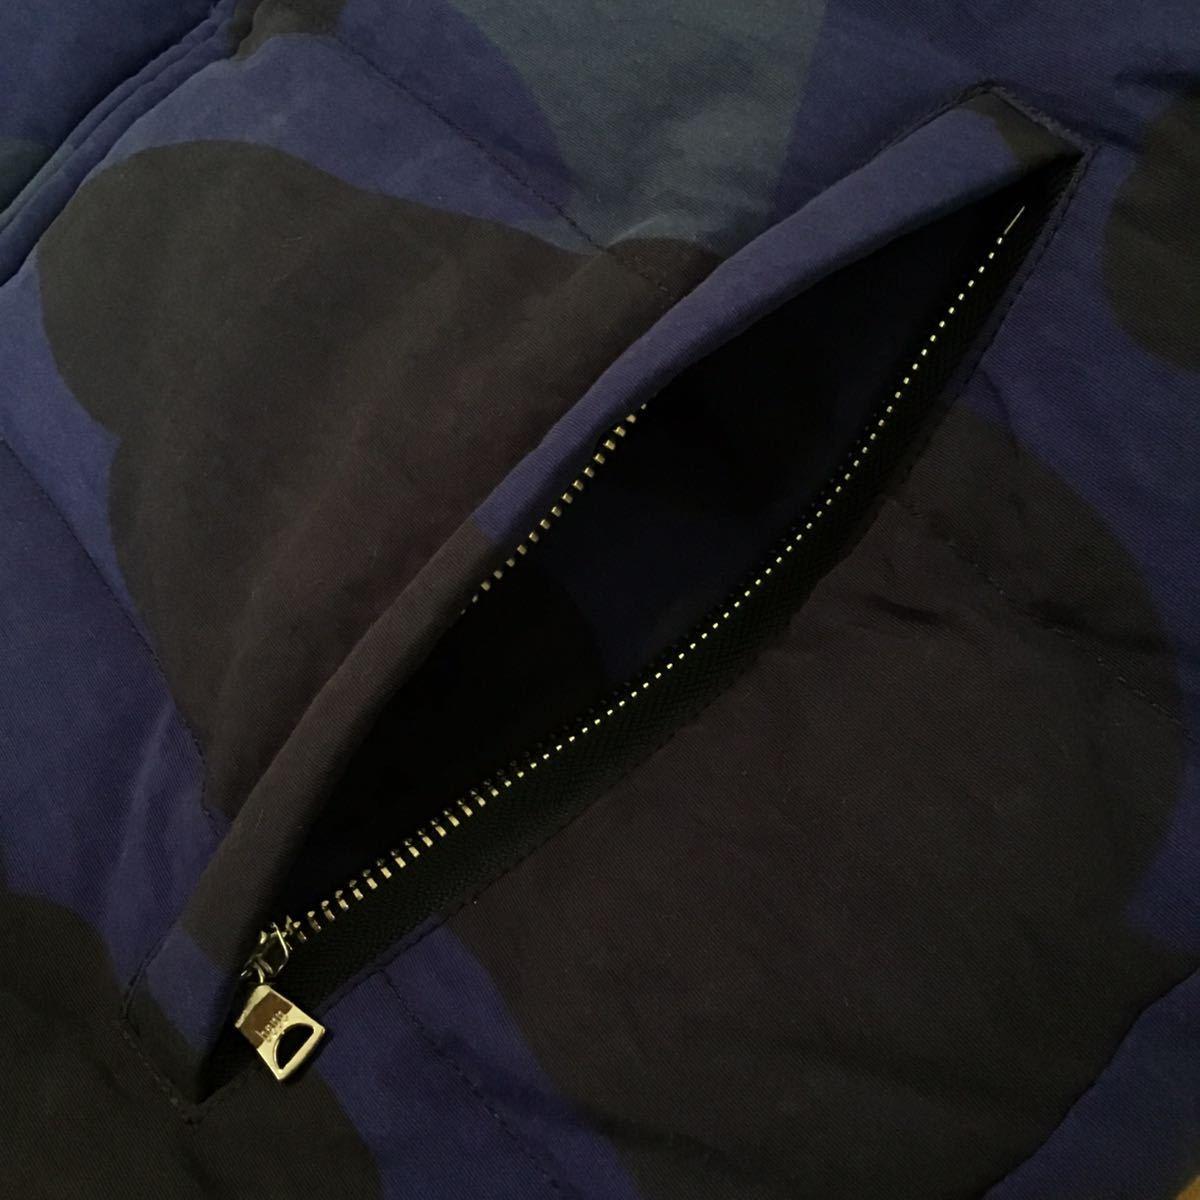 ダウンジャケット giant camo blue Sサイズ a bathing ape BAPE down jacket エイプ ベイプ アベイシングエイプ zoom camo 迷彩 5858